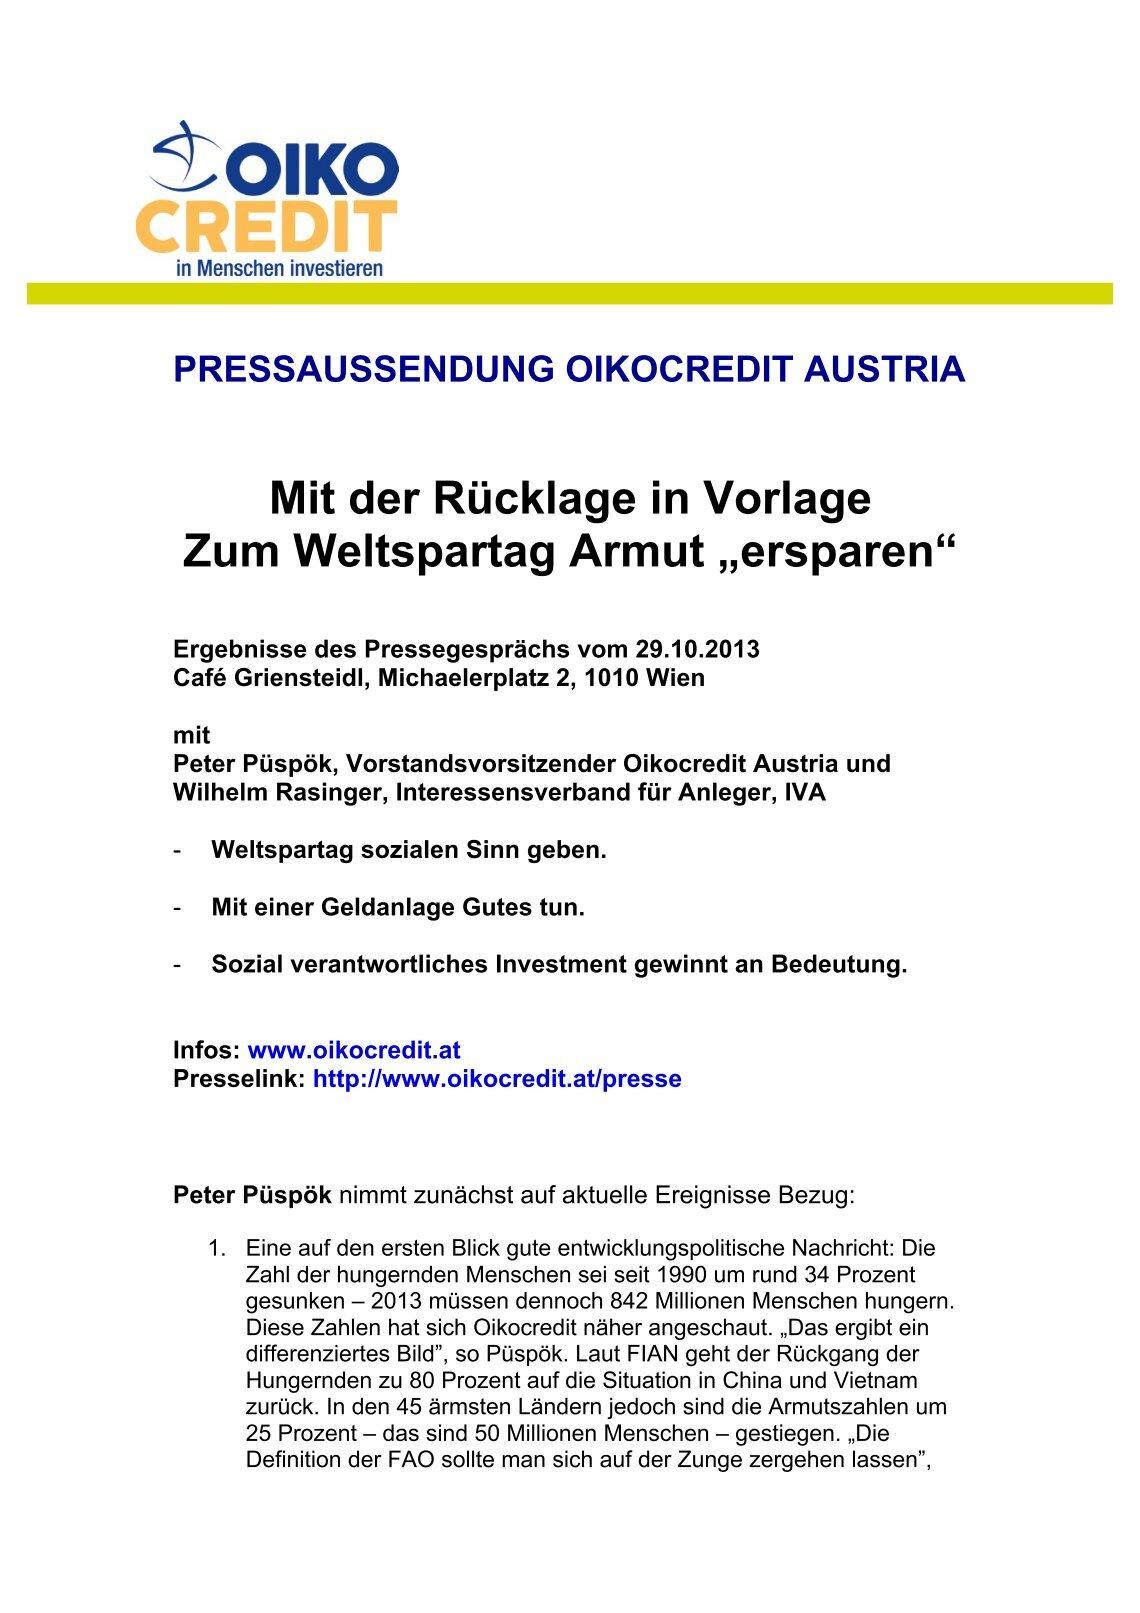 Gemütlich Treffen Feedback Formular Vorlage Zeitgenössisch - Bilder ...